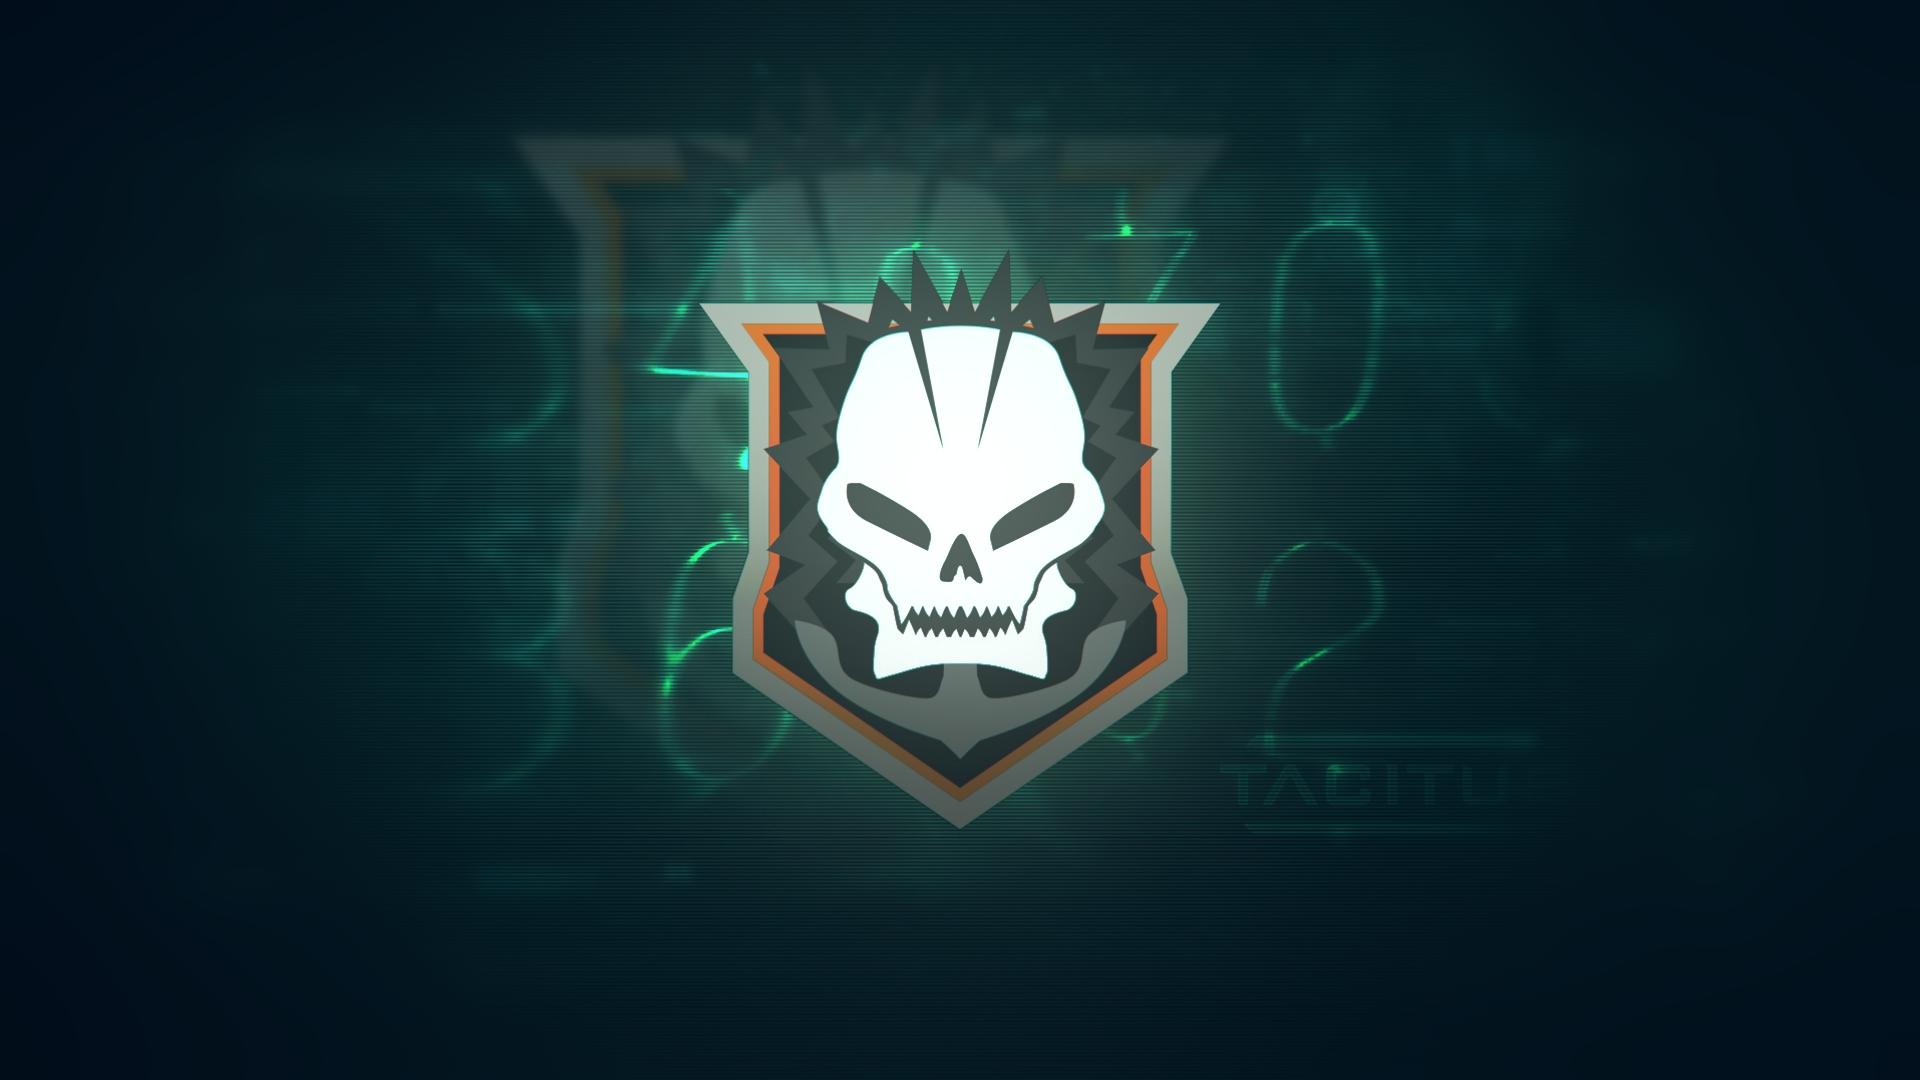 Black Ops 2  - Skull Wallpaper HD by MuuseDesign